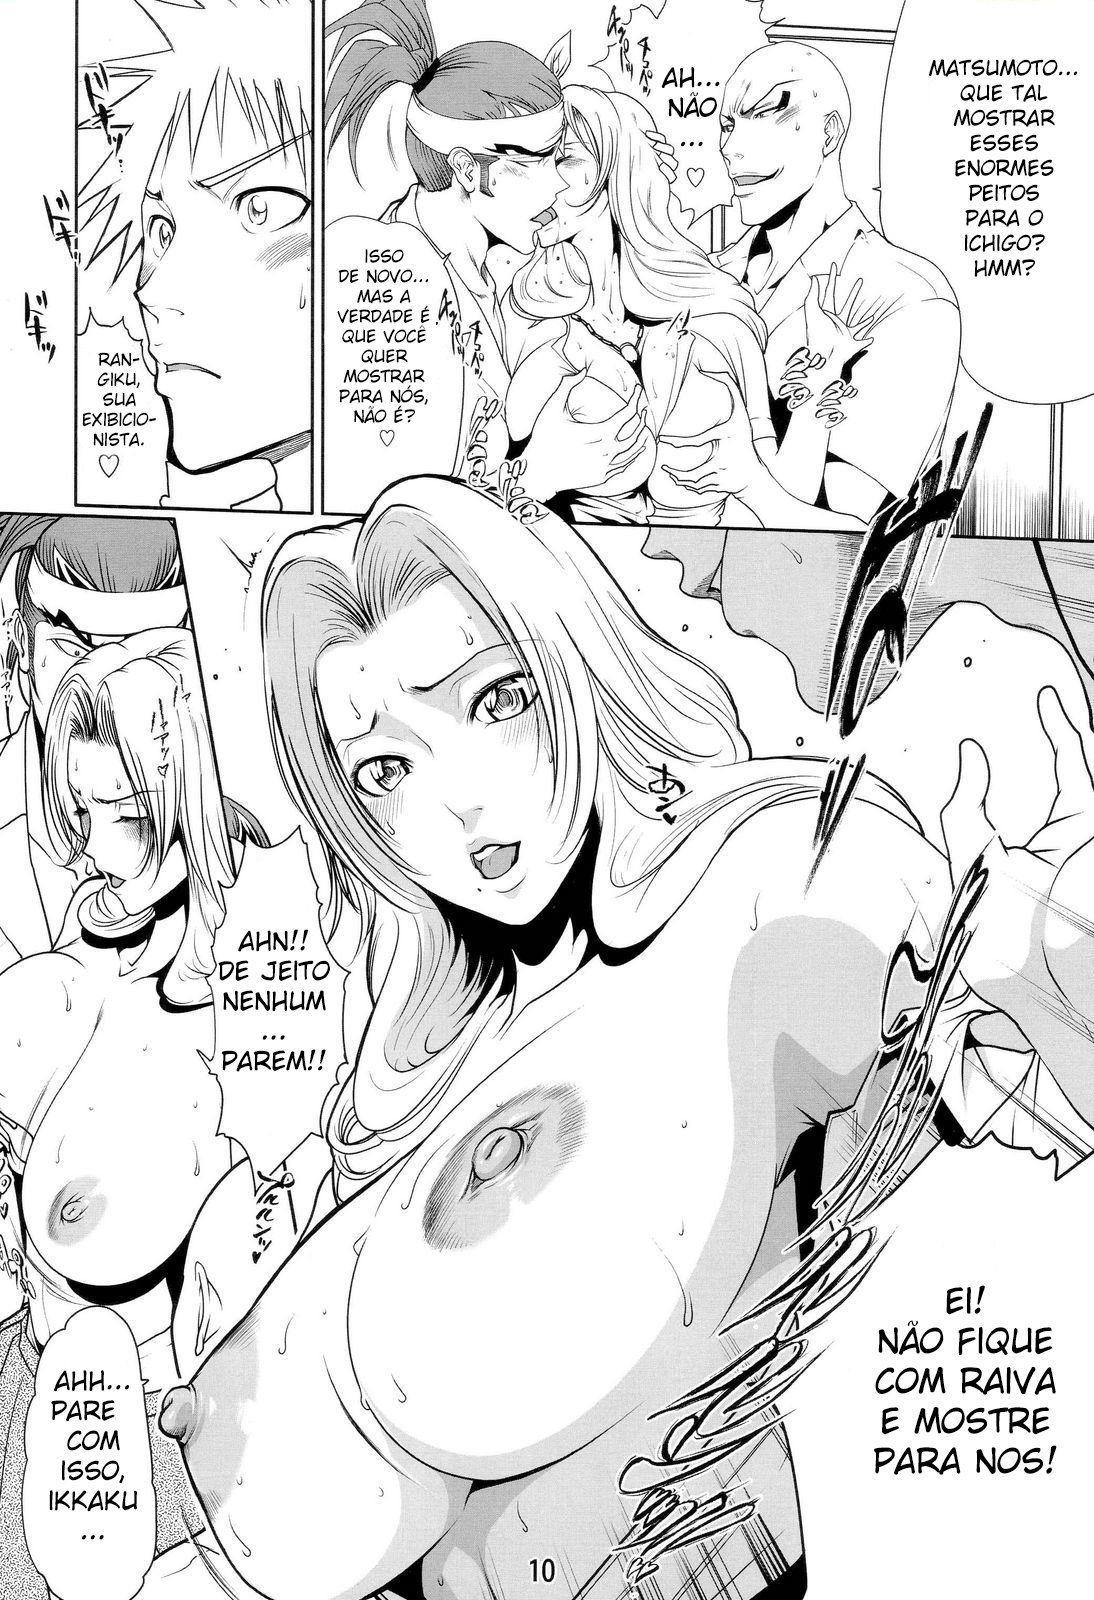 Hentaihome-Bleach-hentai-Matsumoto-à-puta-dos-Shinigami-8